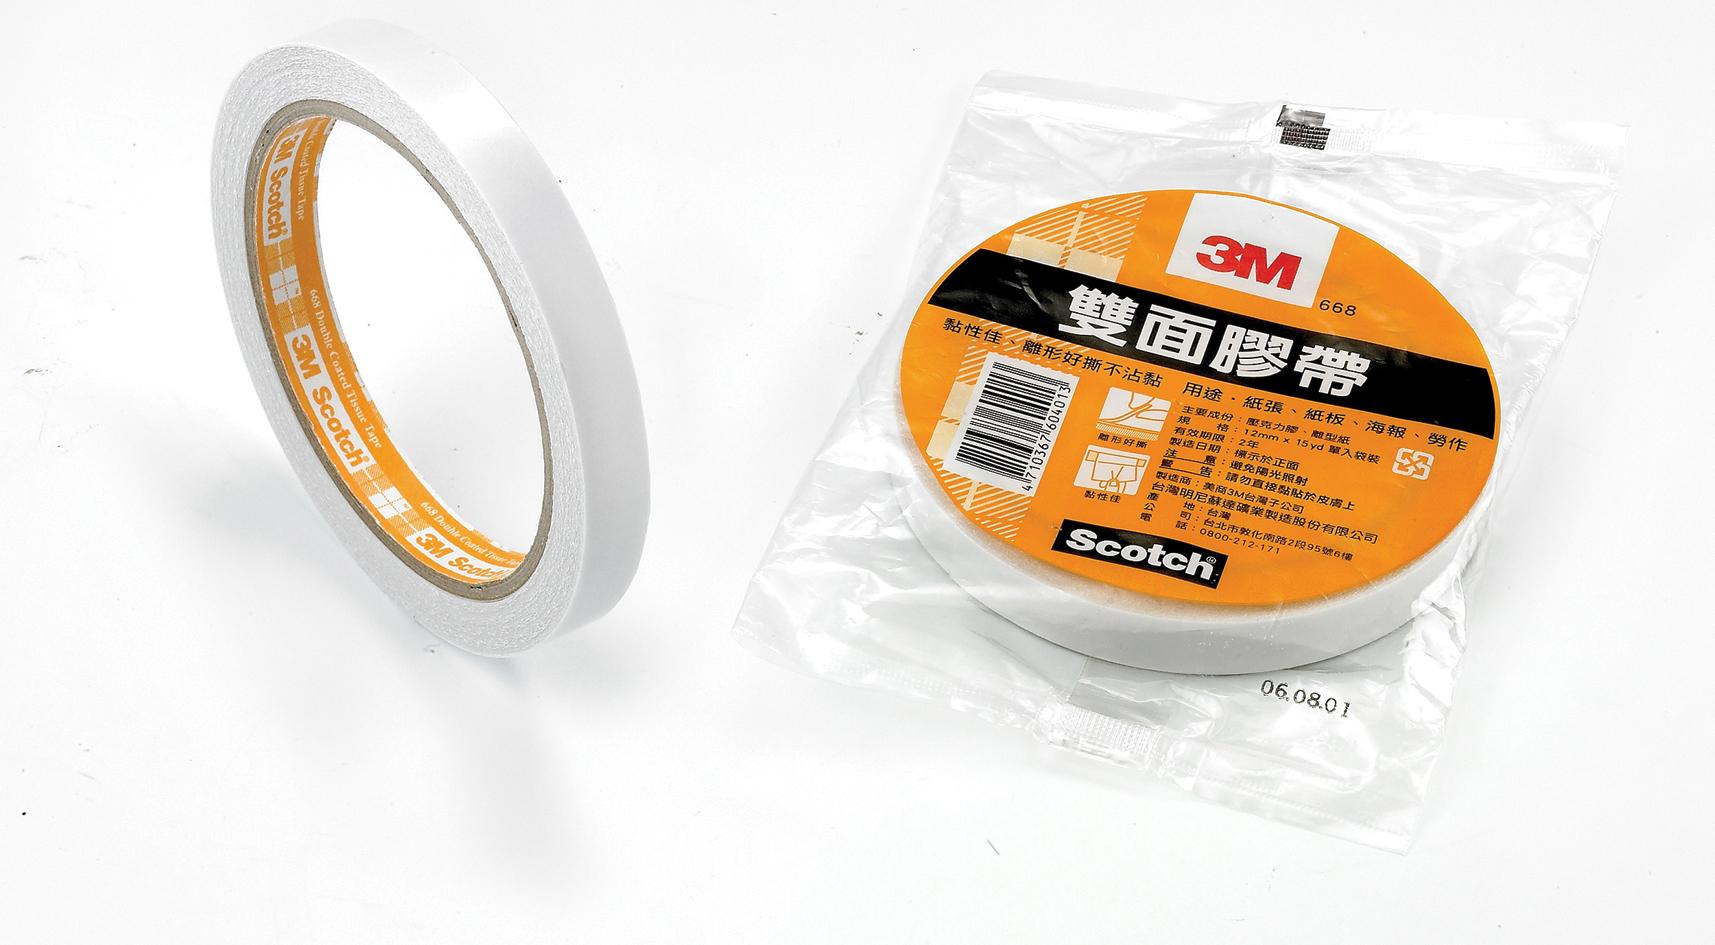 【3M】668 Scotch 膠帶黏貼系列(12mm*15y) 雙面棉紙膠帶/捲